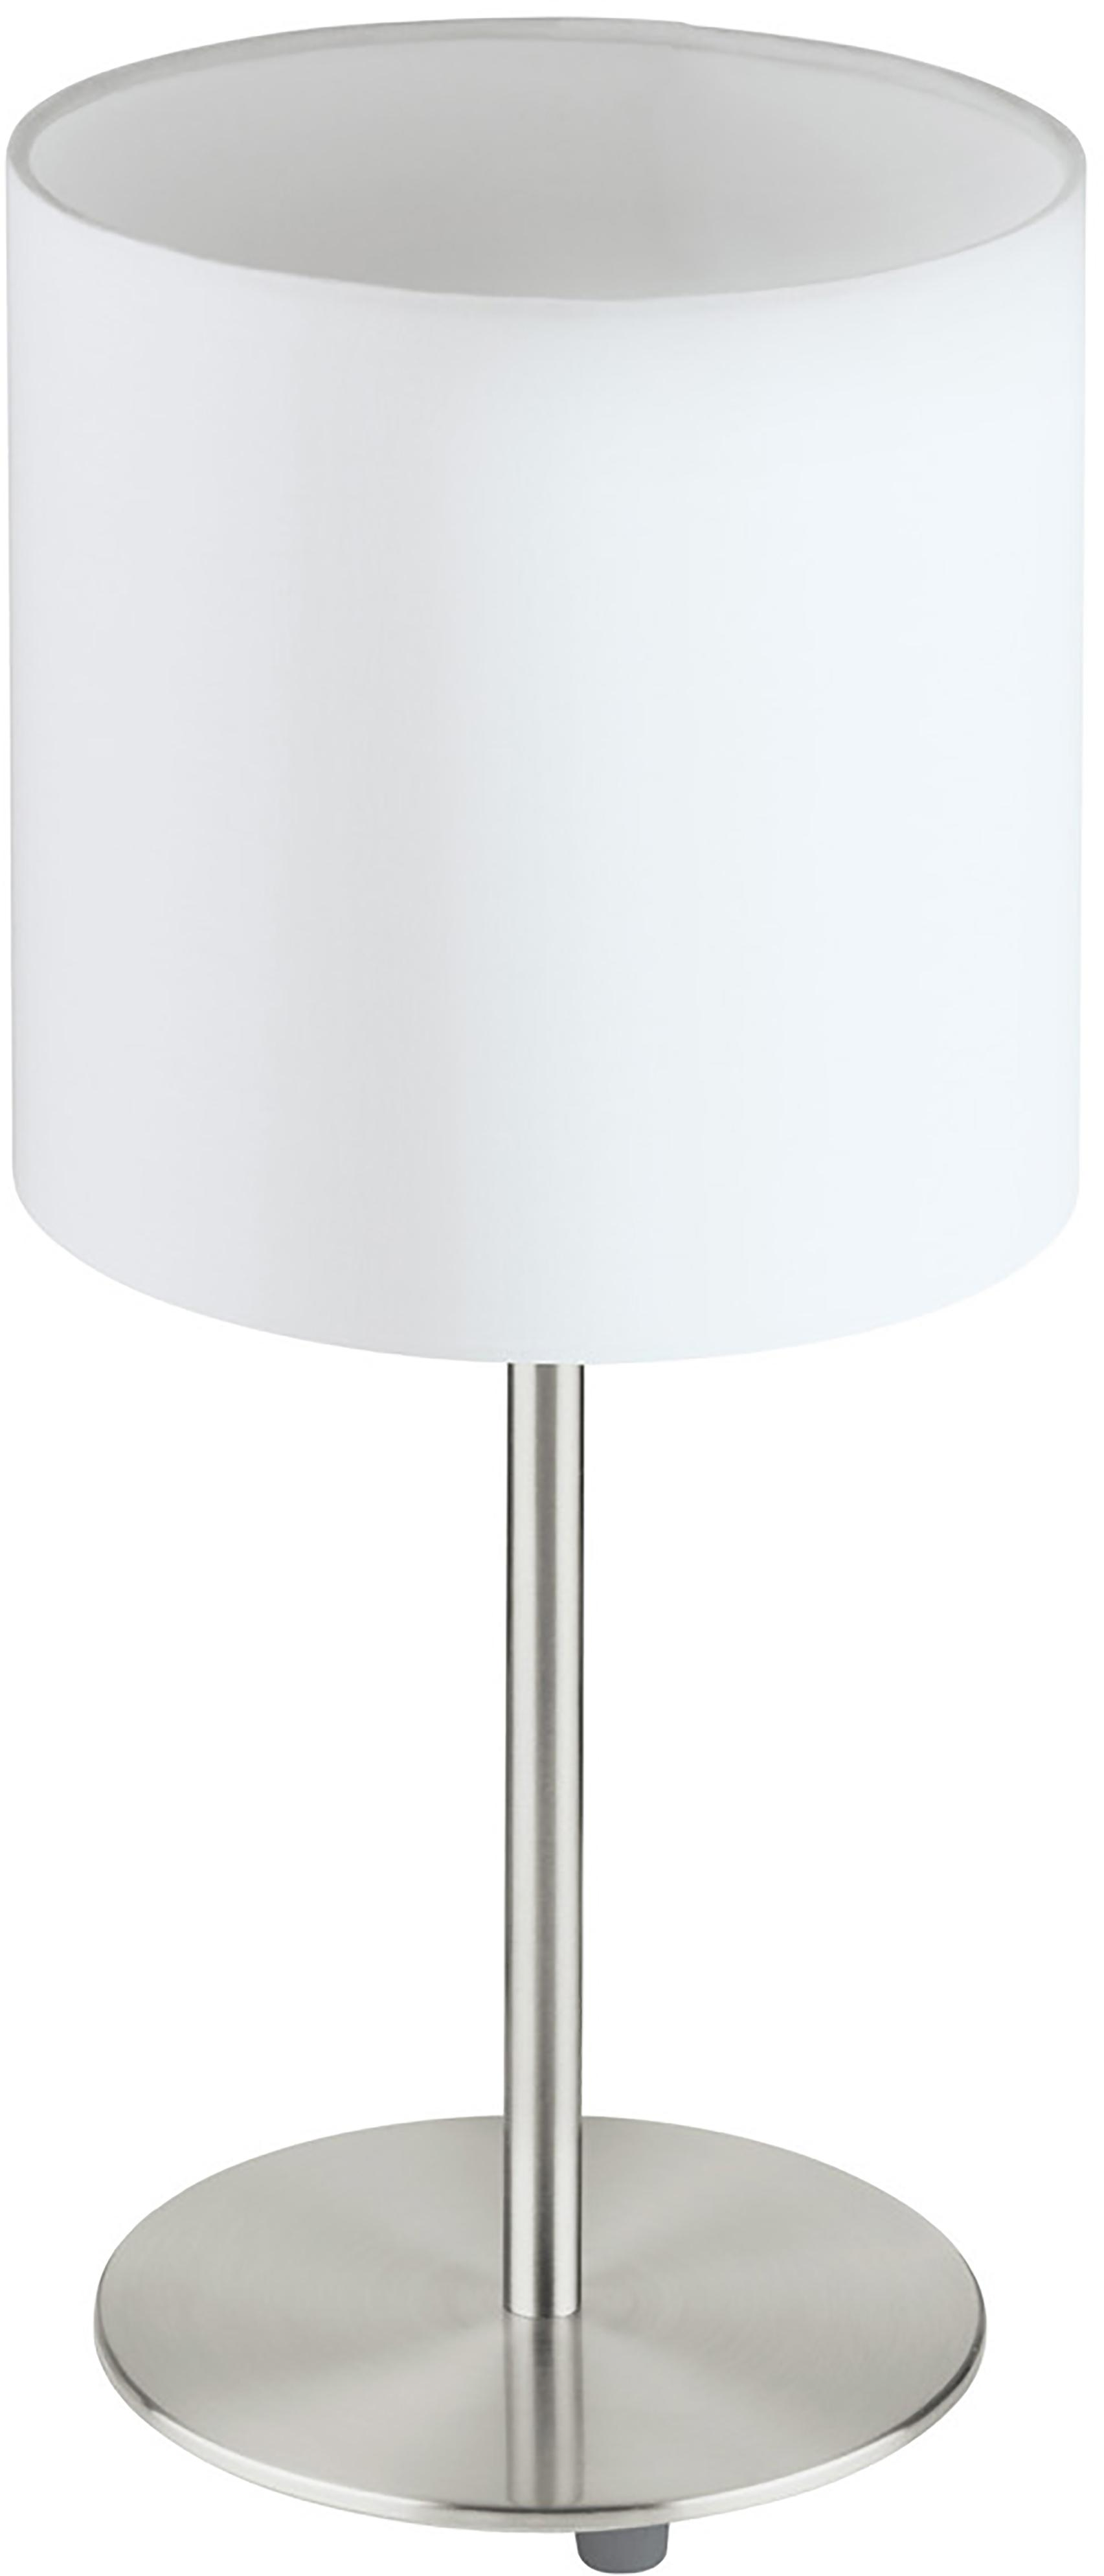 Lámpara de mesa Mick, Pantalla: tela, Cable: plástico, Blanco, plateado, ∅ 18 x Al 40 cm